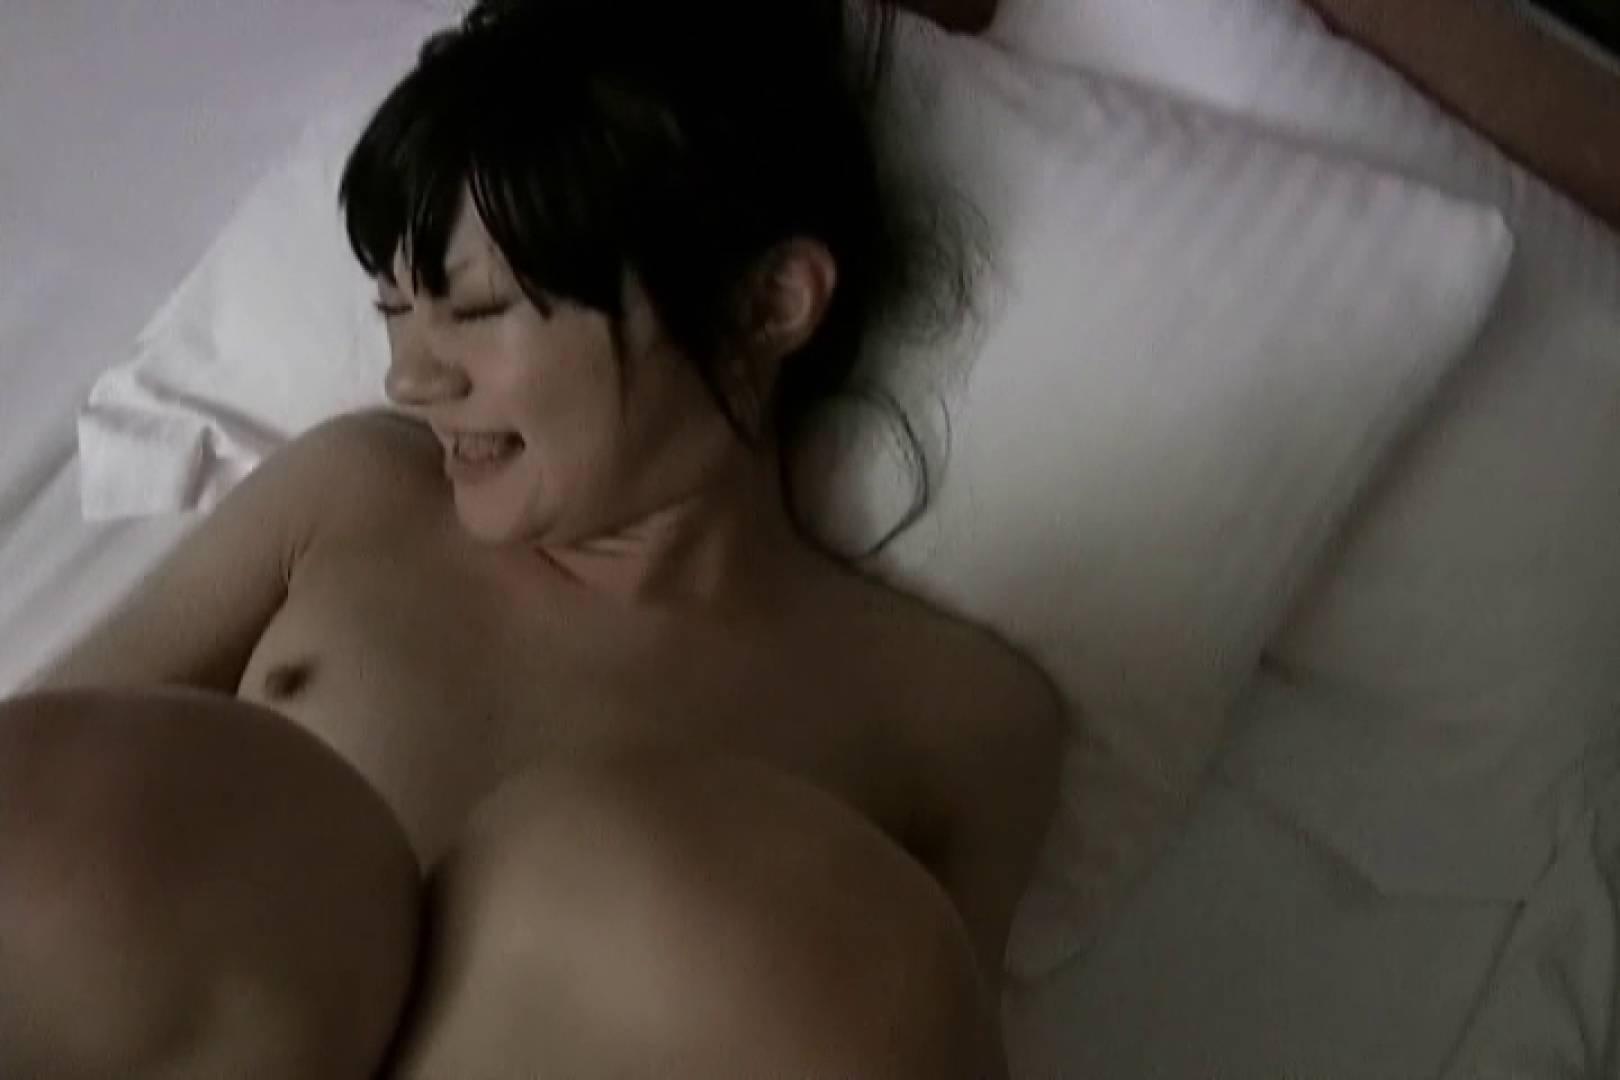 素人ナンパ本番撮り!出会い系でGET!Vol.11 OLのエッチ 盗撮画像 84pic 32